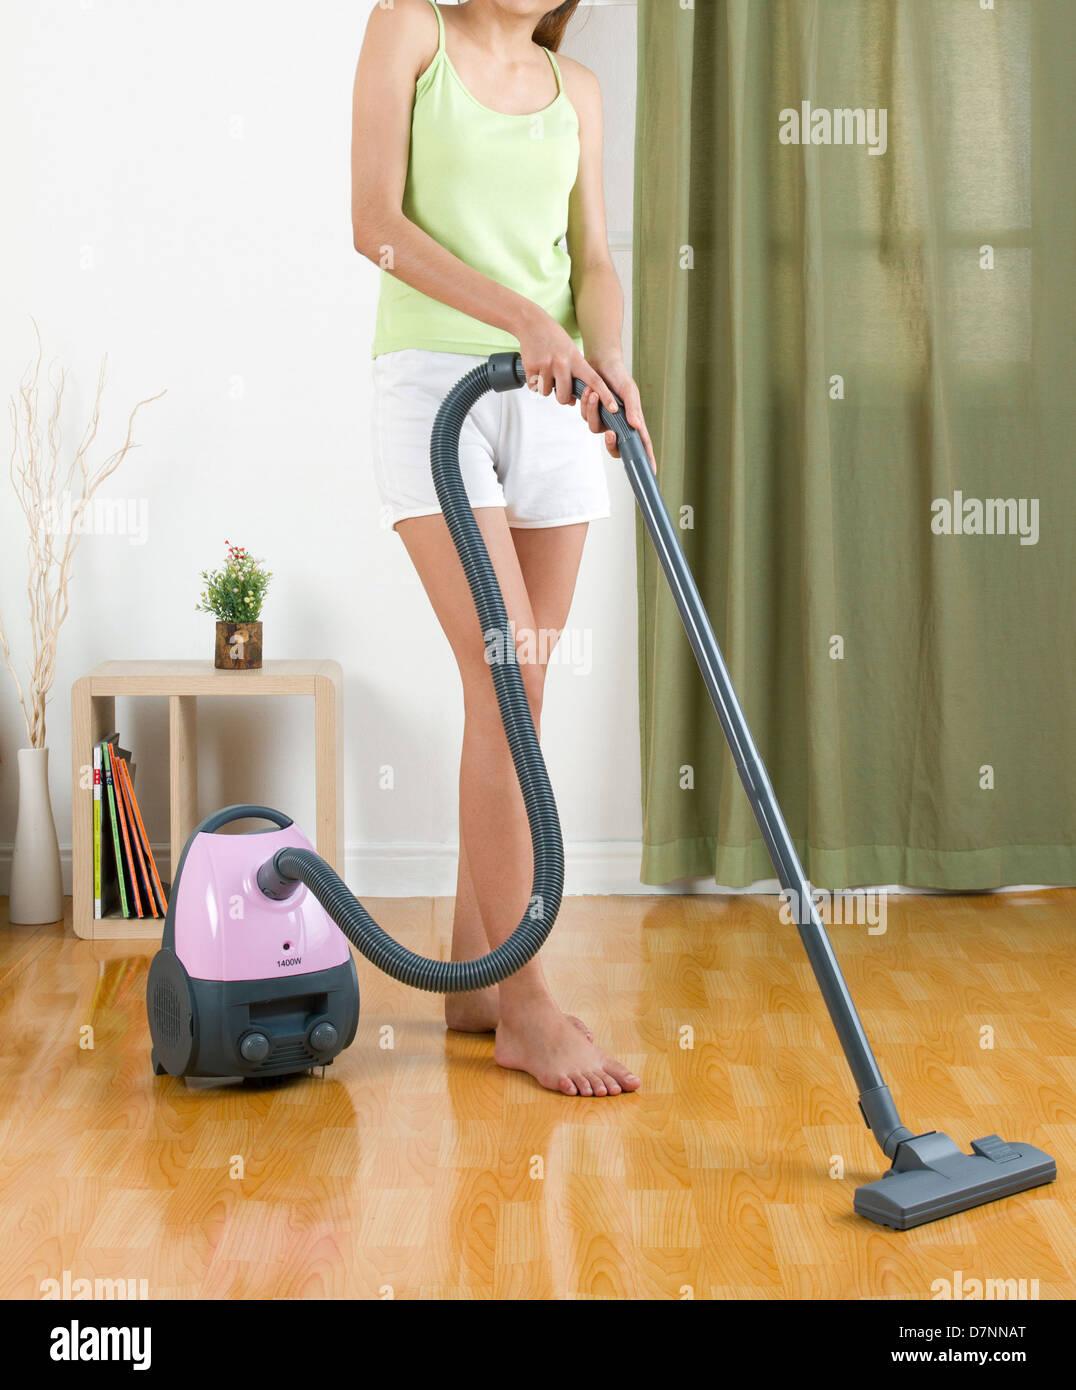 Hausfrau Mit Staubsauger Maschine Auf Den Boden Reinigen Stockfoto